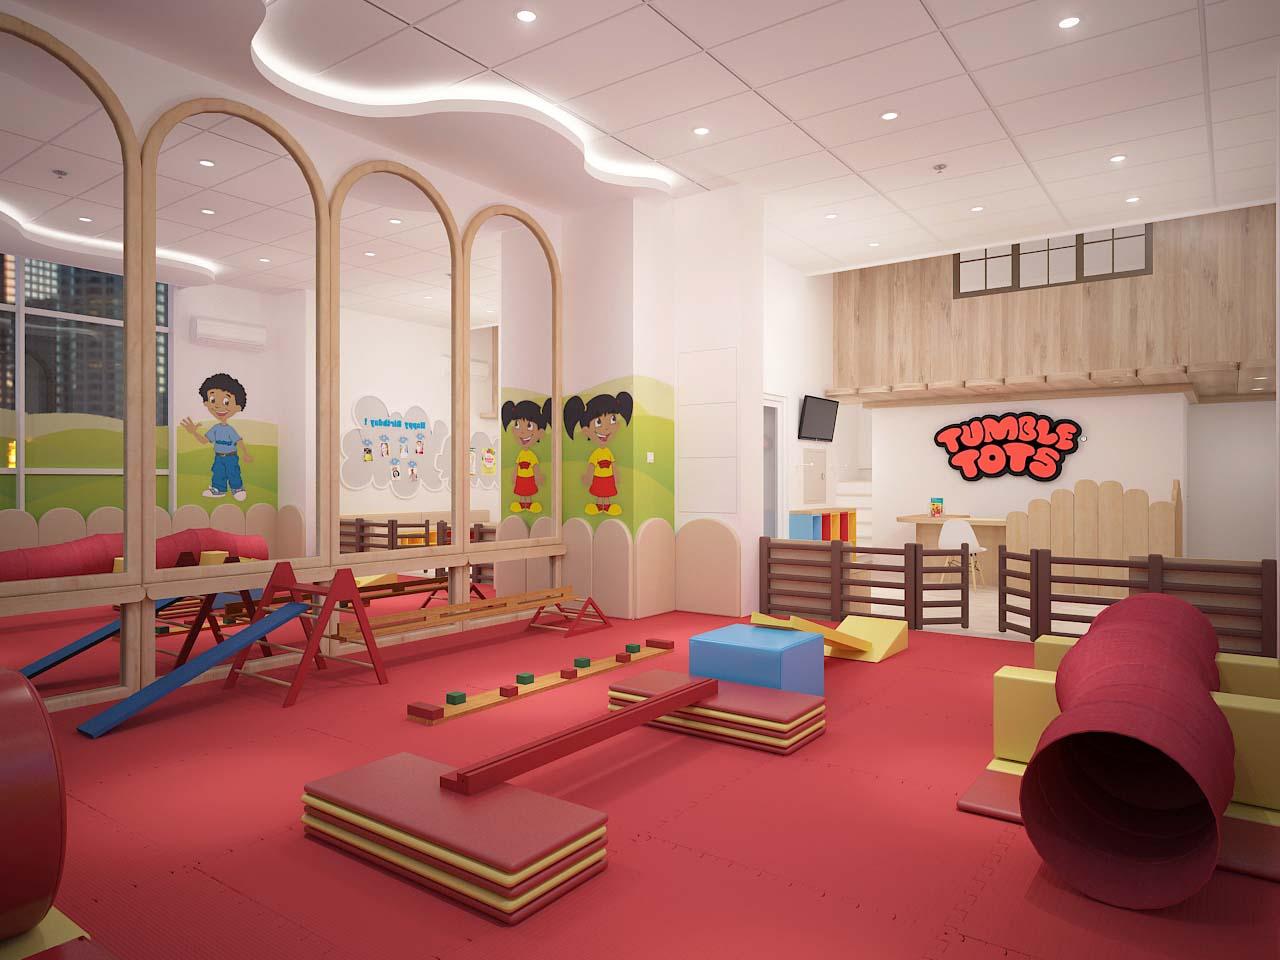 Tumble-Tots-Playground-B_5.jpg